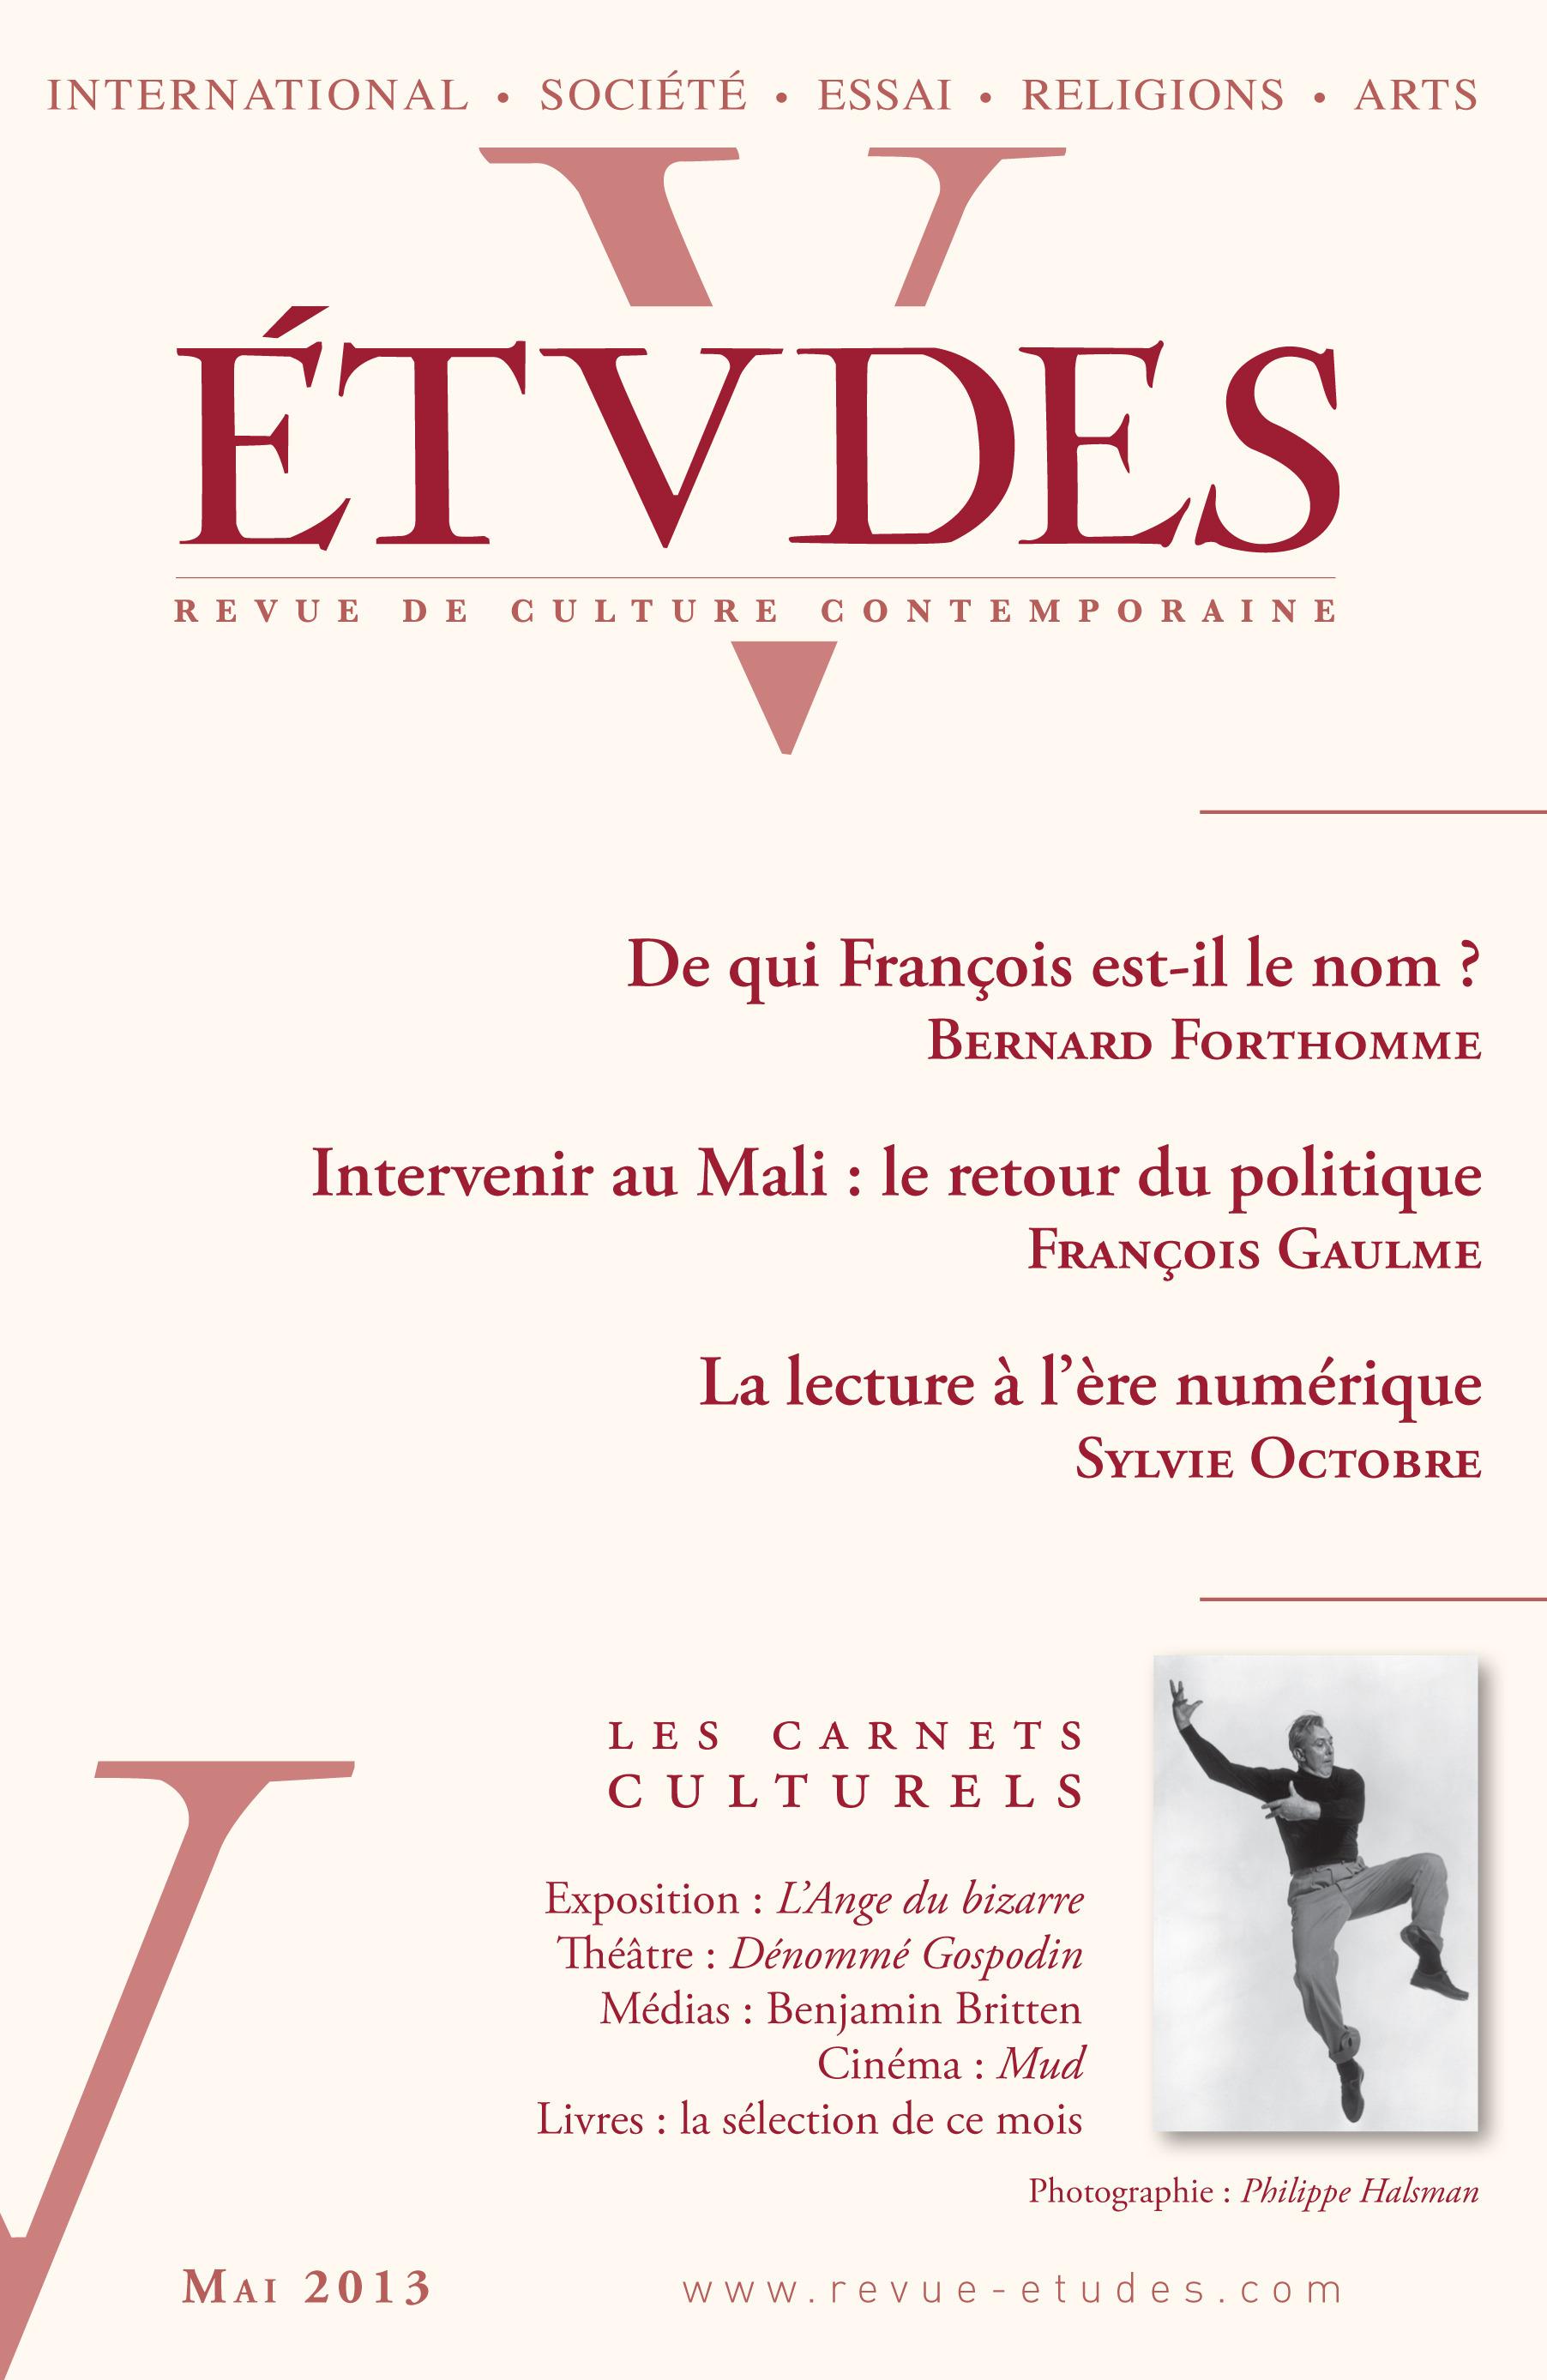 Revue études ; Etudes Mai 2013